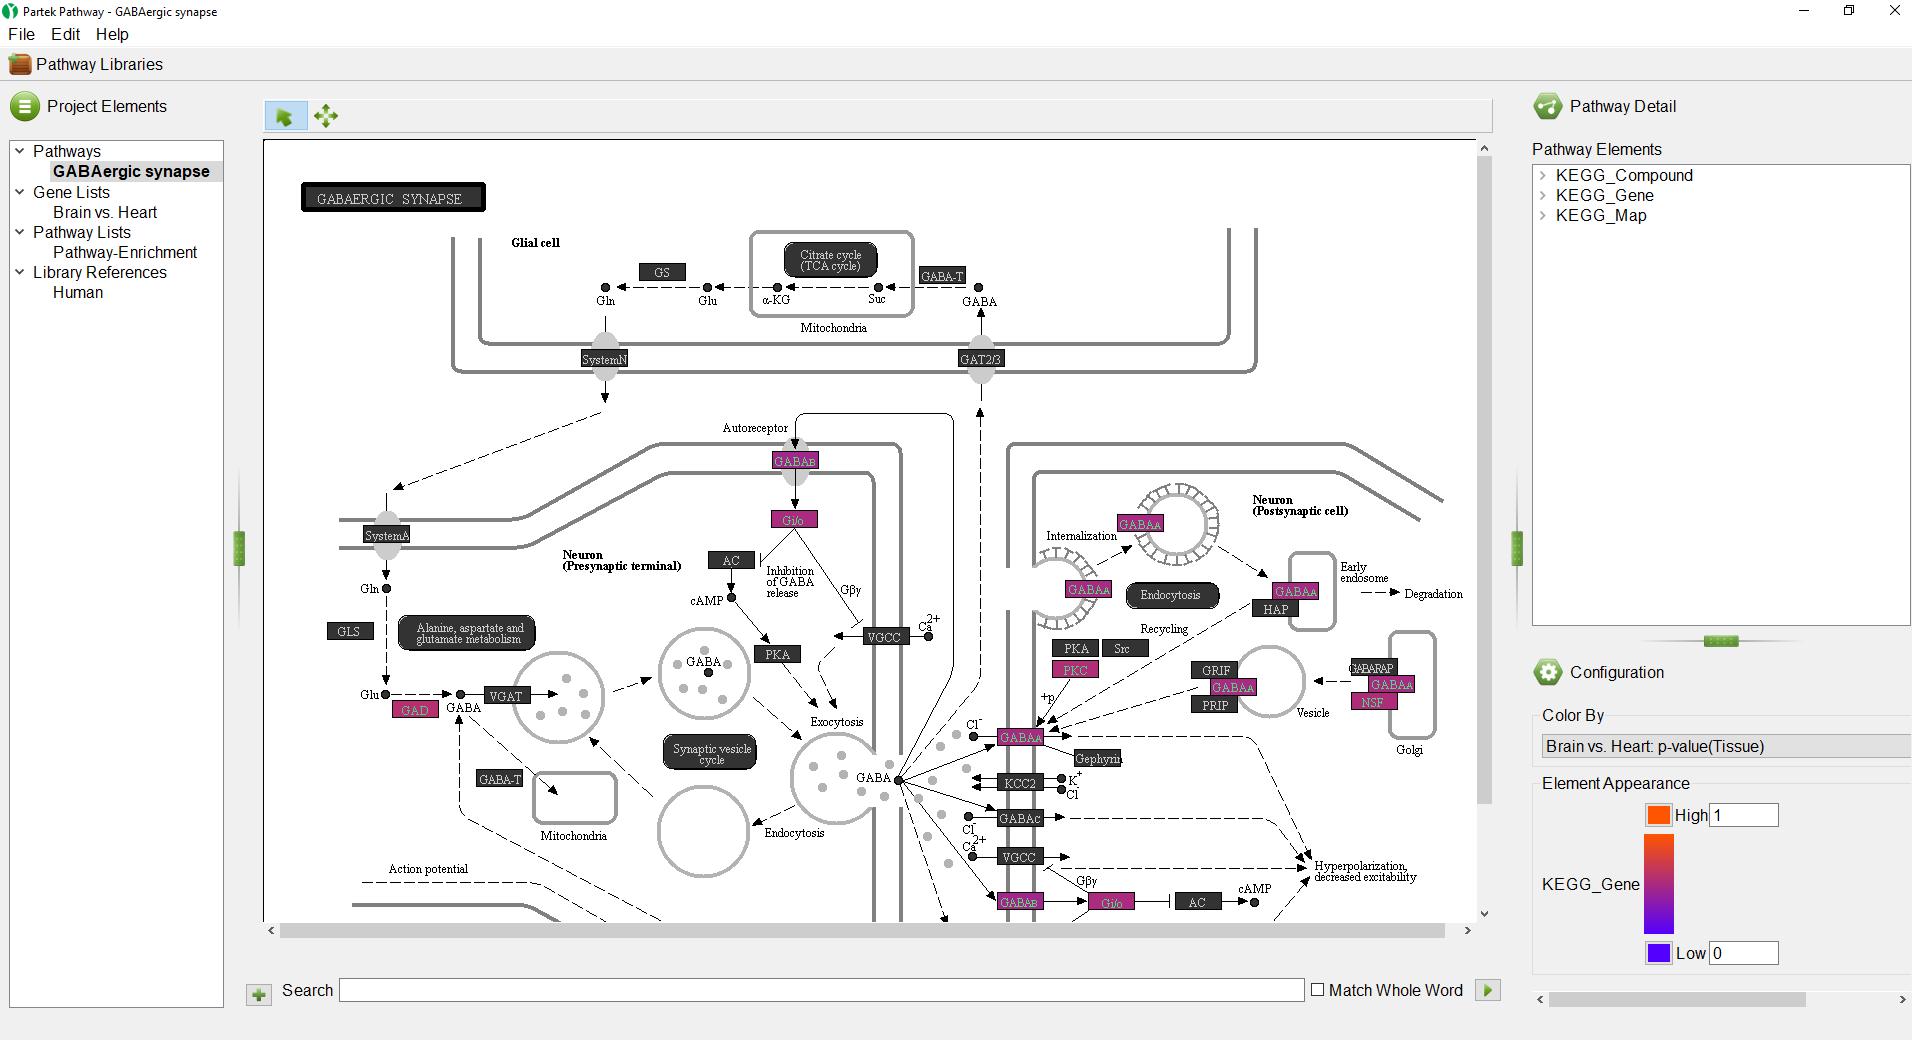 Analyzing pathway enrichment in Partek Pathway - Genomics Suite